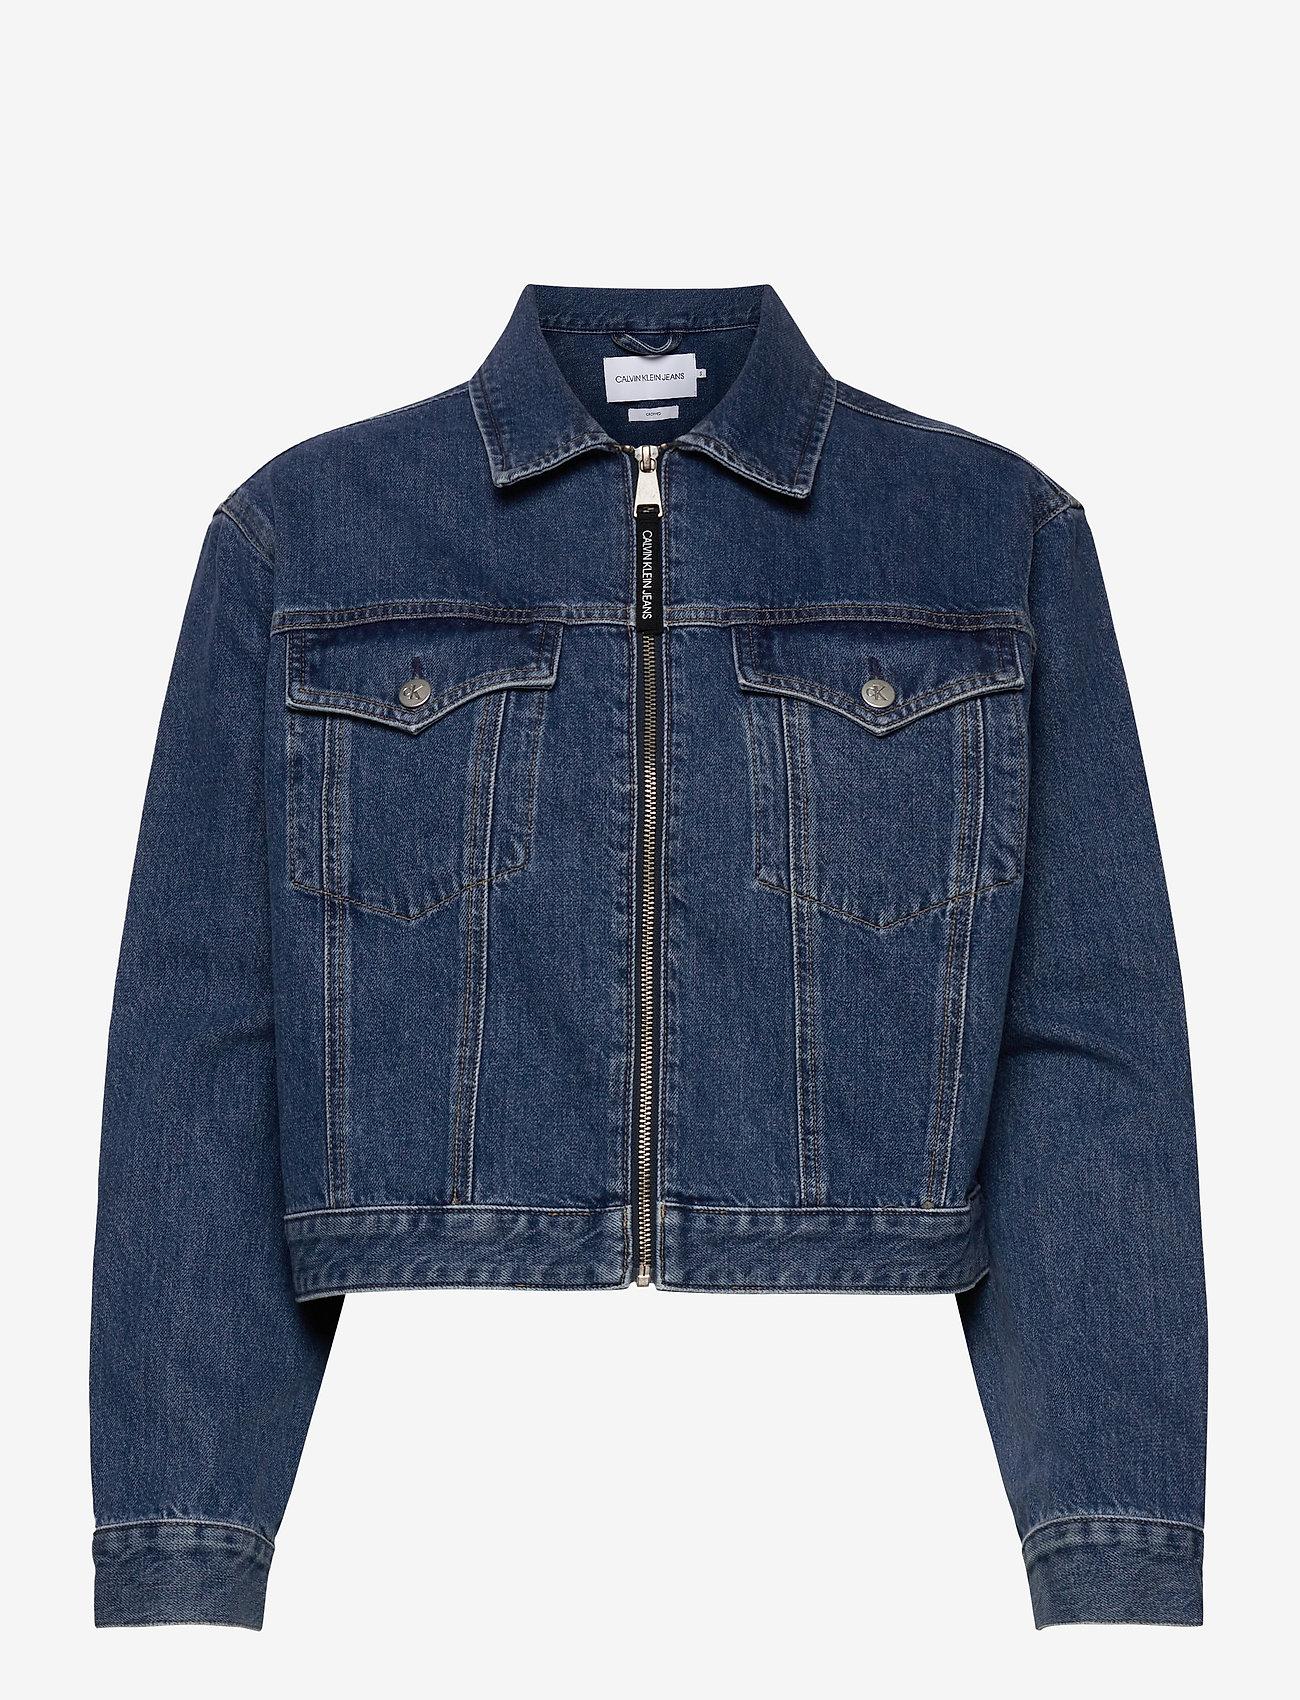 Calvin Klein Jeans - CROPPED FOUNDATION DENIM JACKET - jeansjakker - bb187 - icn mid blue zip - 0